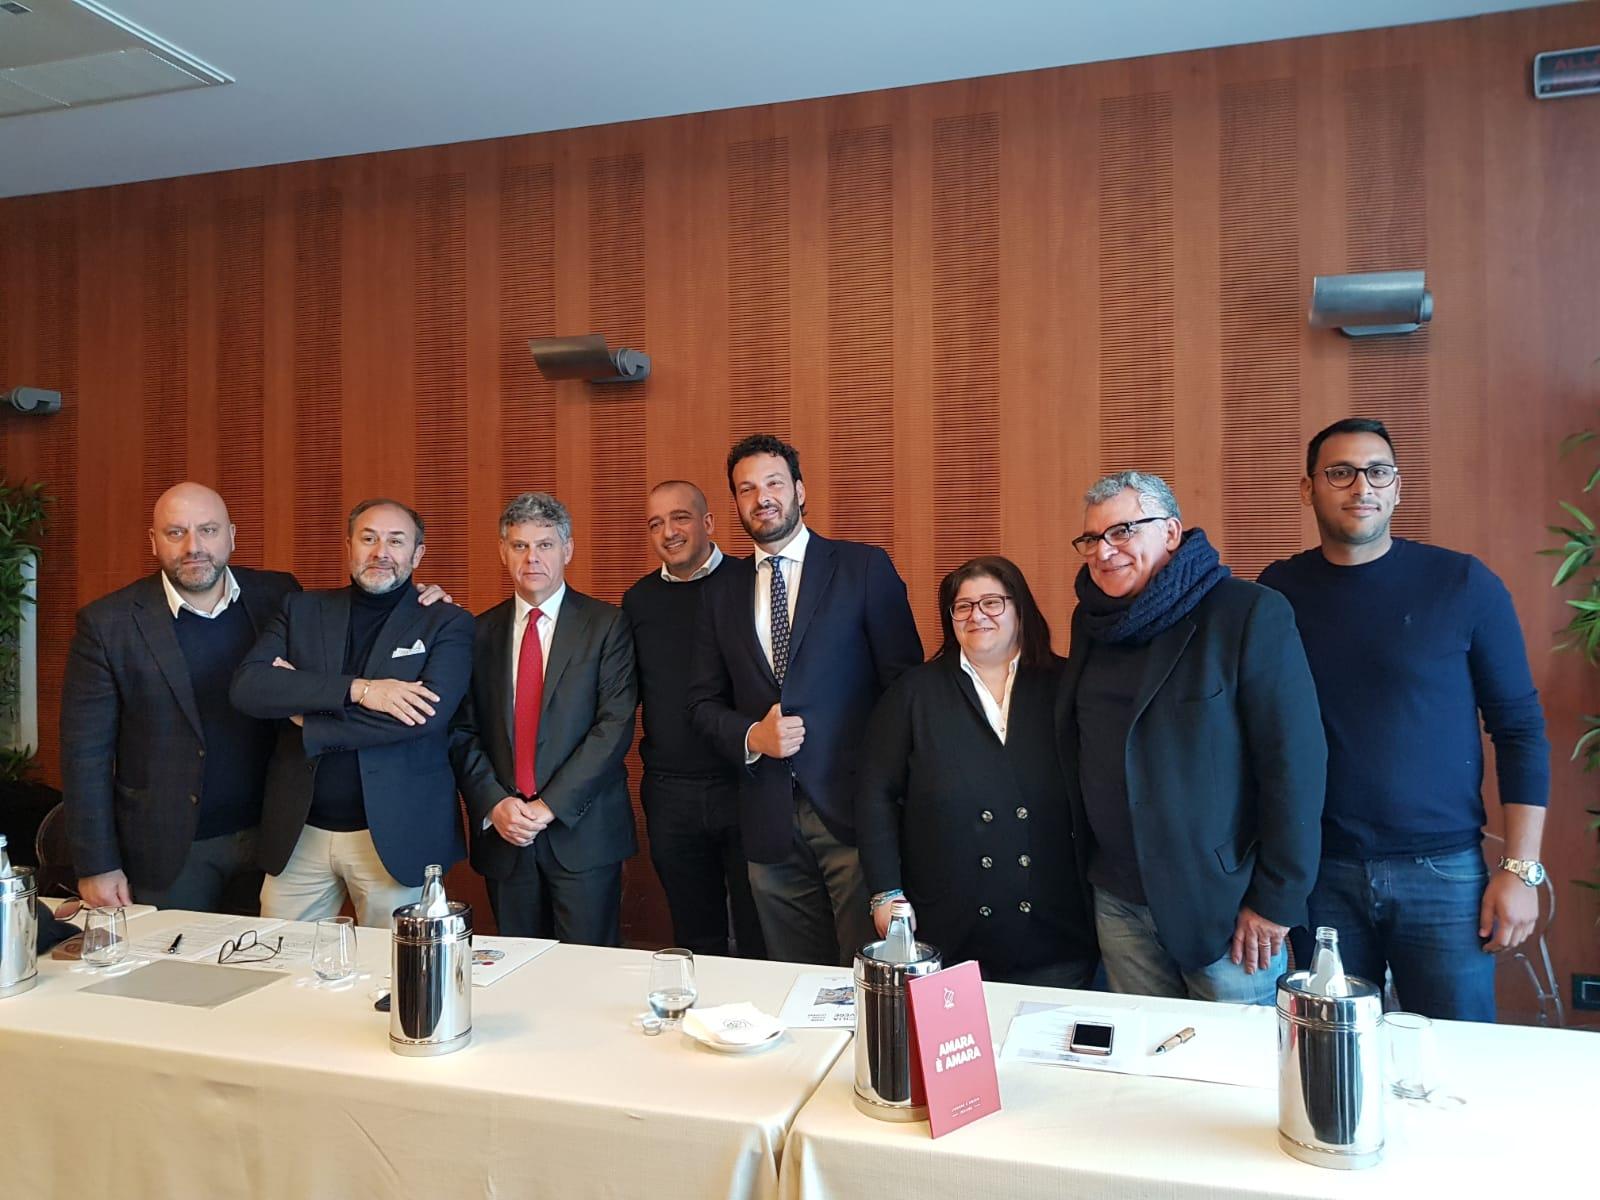 Soste di Ulisse Siracusa conferenza stampa 2019